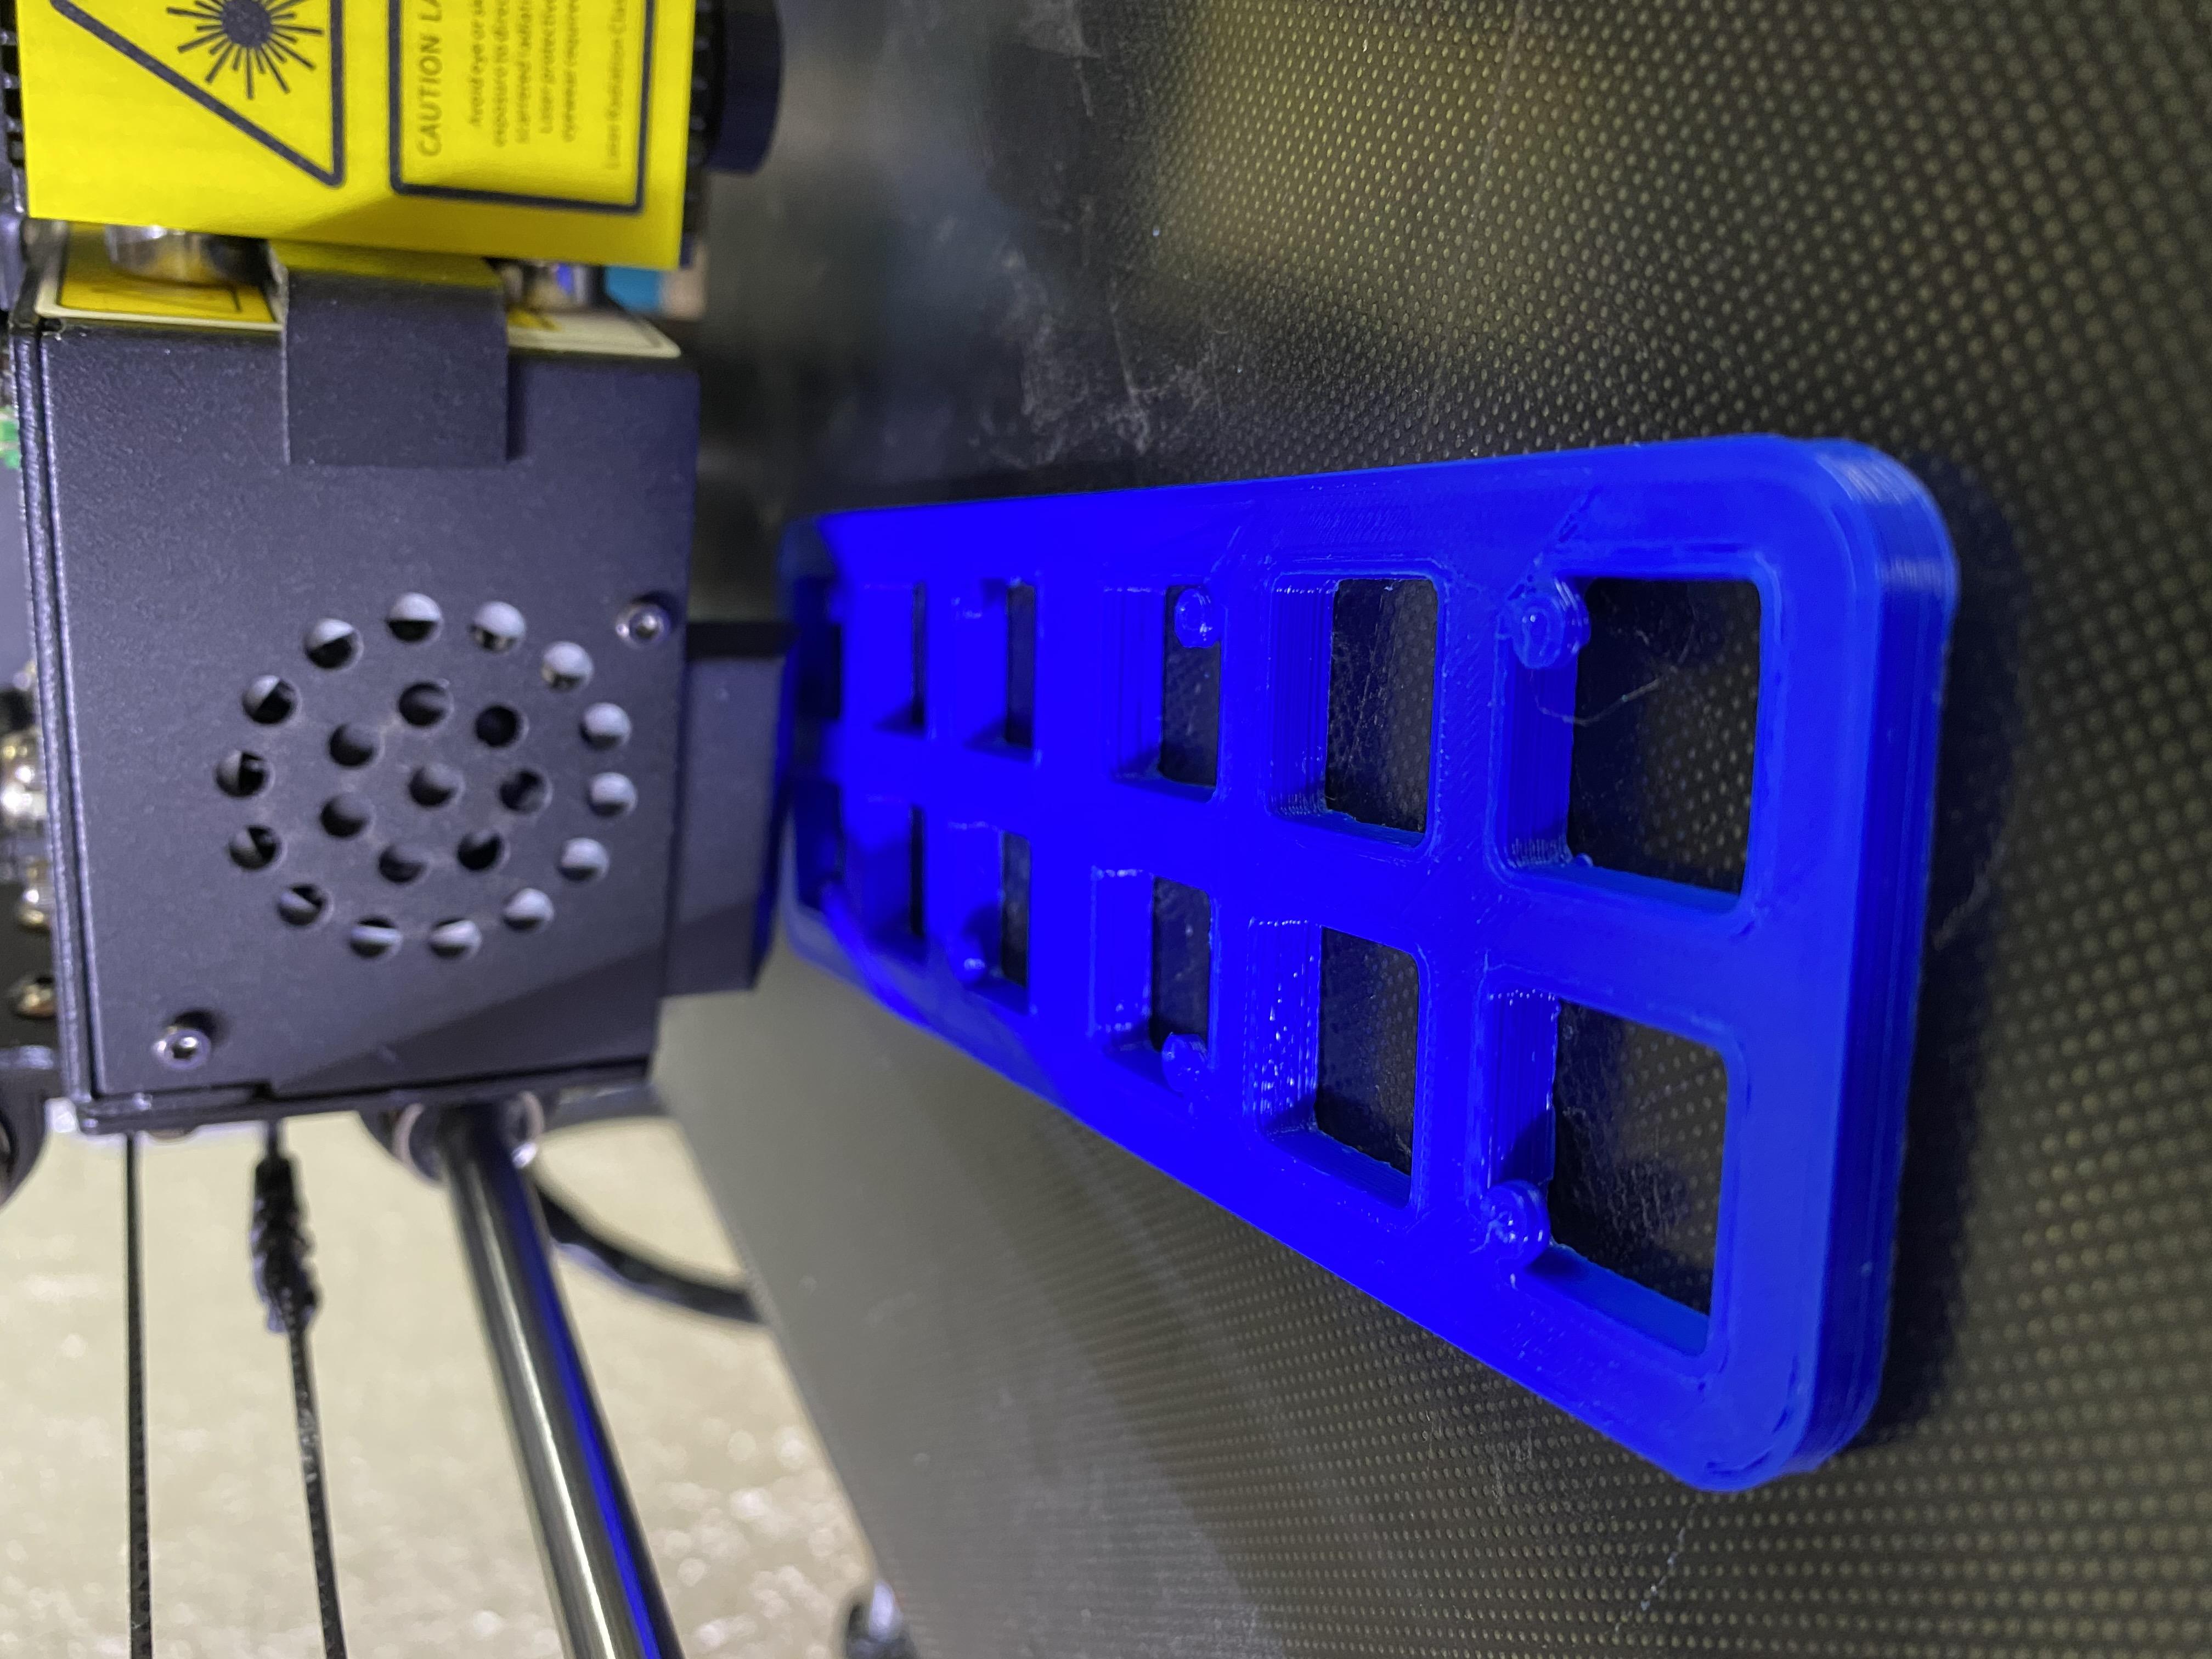 3D Druck - Von der Idee zum serienreifen Produkt